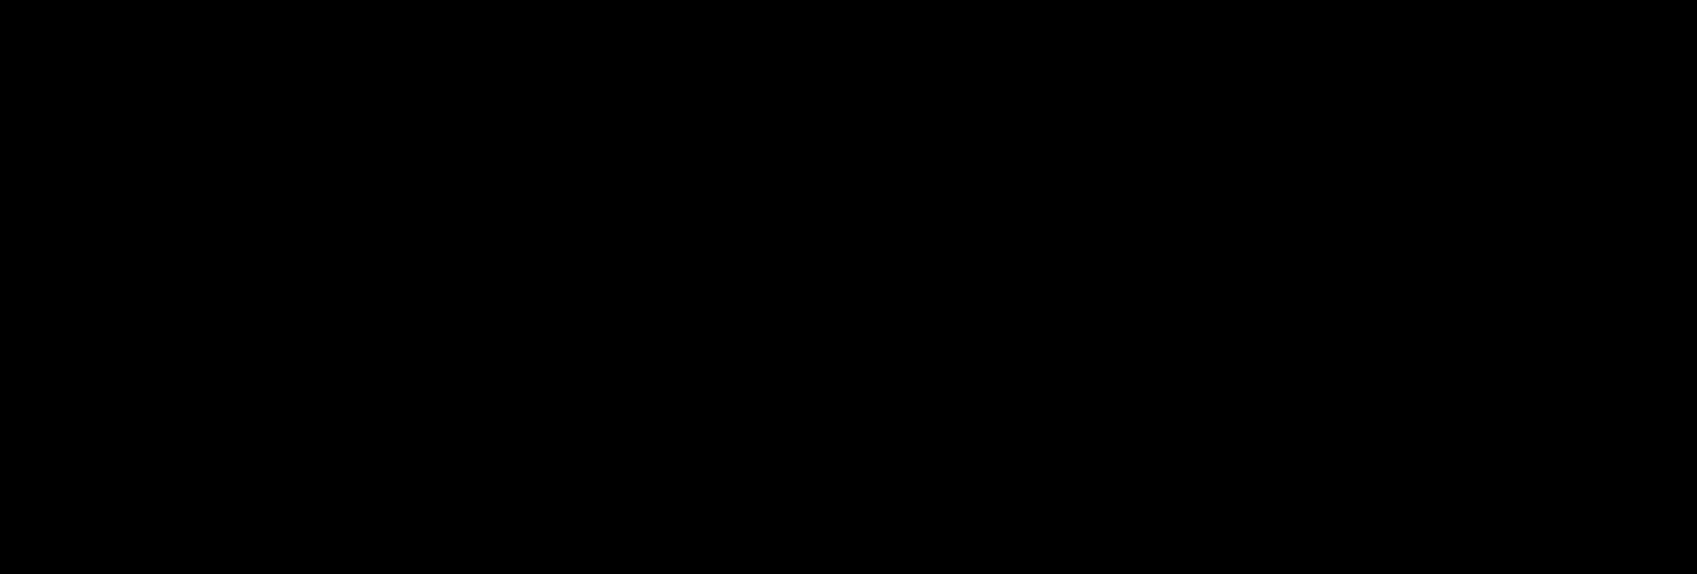 N-[3-Fluoro-4-[6-(2-methyl-2H-tetrazol-5-yl)-3-pyridinyl]phenyl]carbamic acid phenylmethyl ester